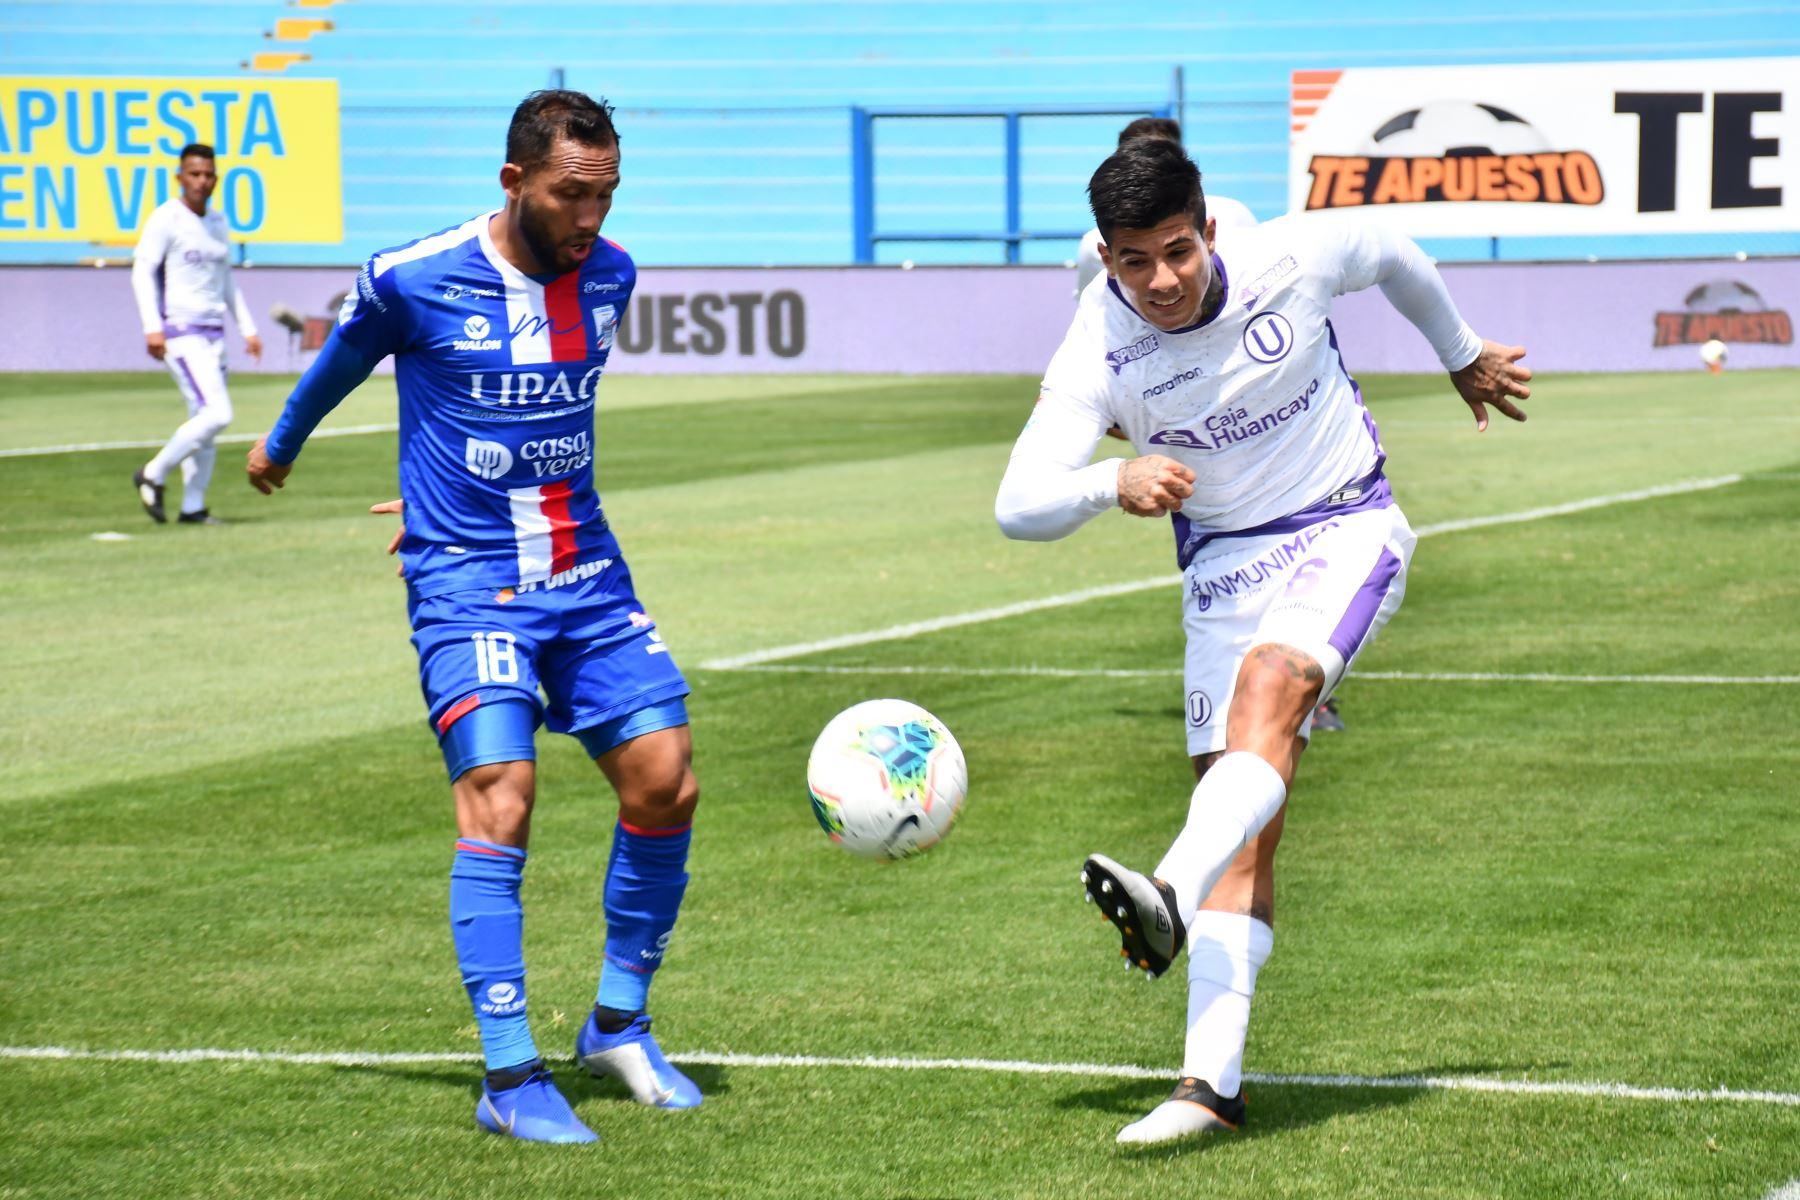 El futbolista A. Alfageme de Universitario se enfrenta a su rival A. López de Mannuci por la jornada 13 de la Liga 1, en el estadio Alberto Gallardo. Foto: @LigaFutProf